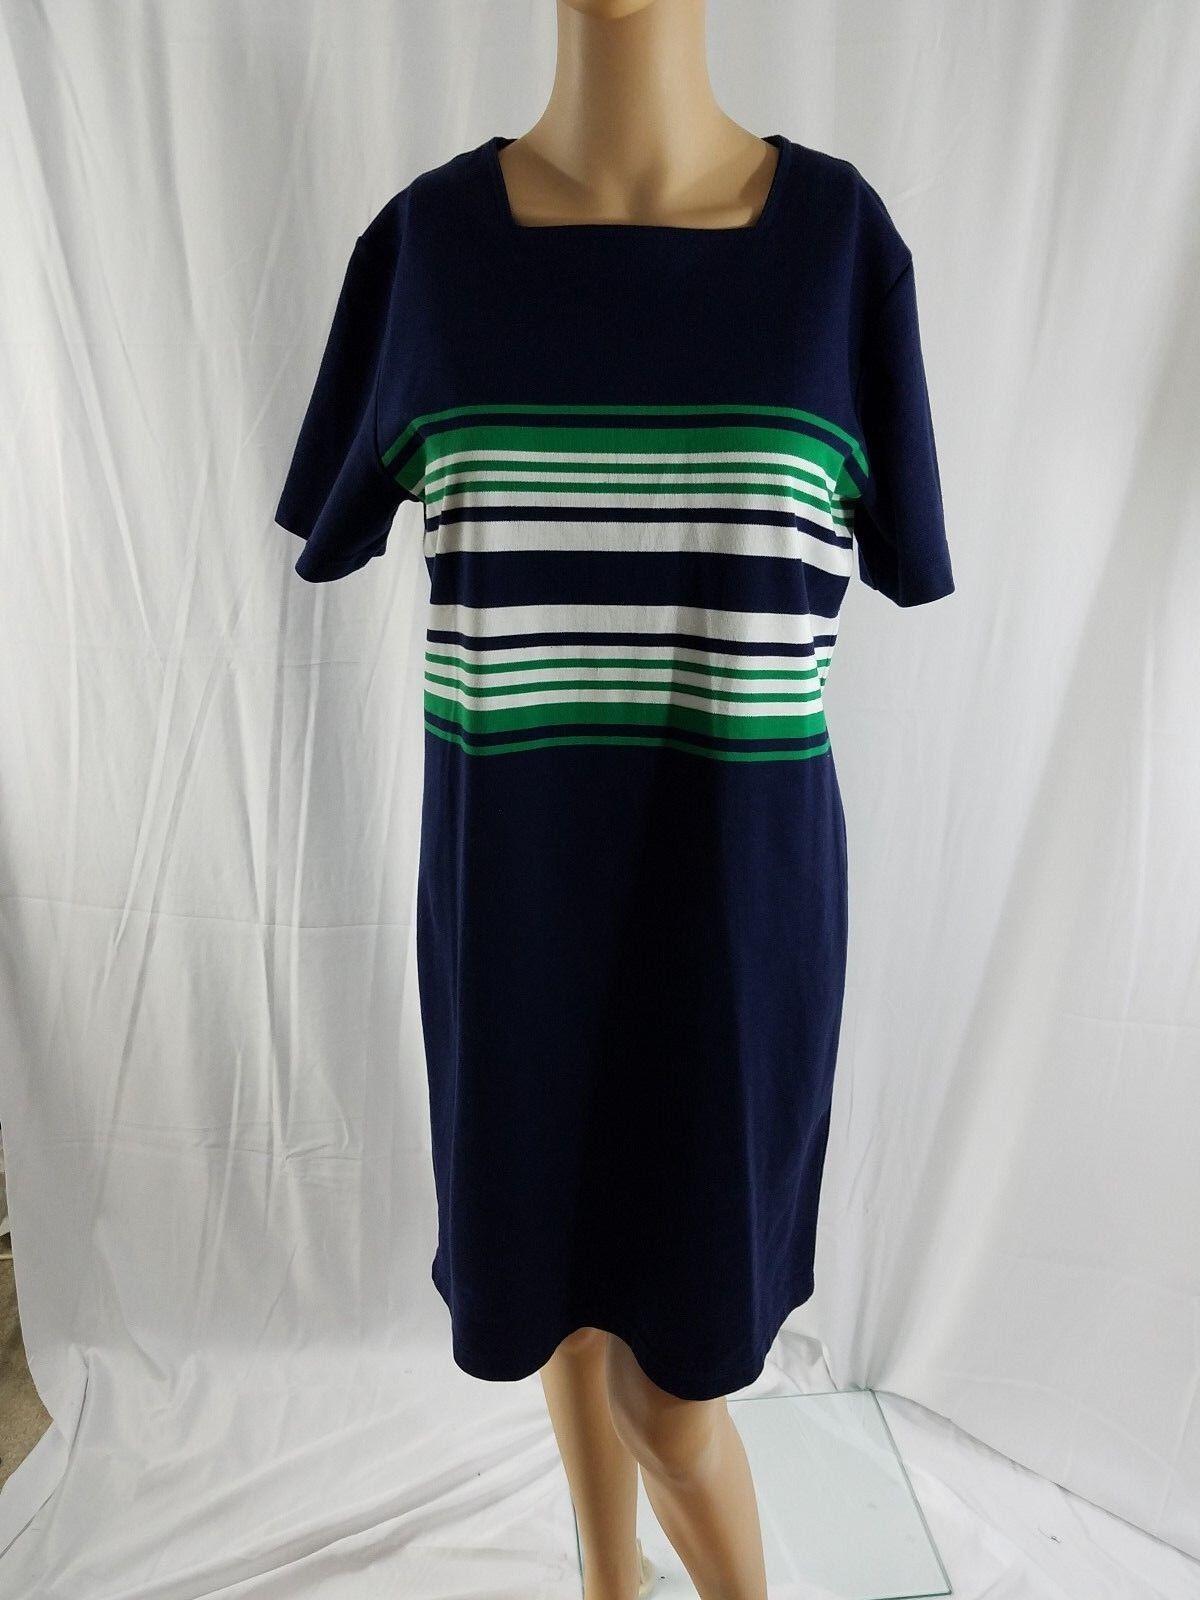 CC Hughes Robe mi-longue en tricot à manches longues pour femmes, bleu marine, vert blanc et blanc, taille M